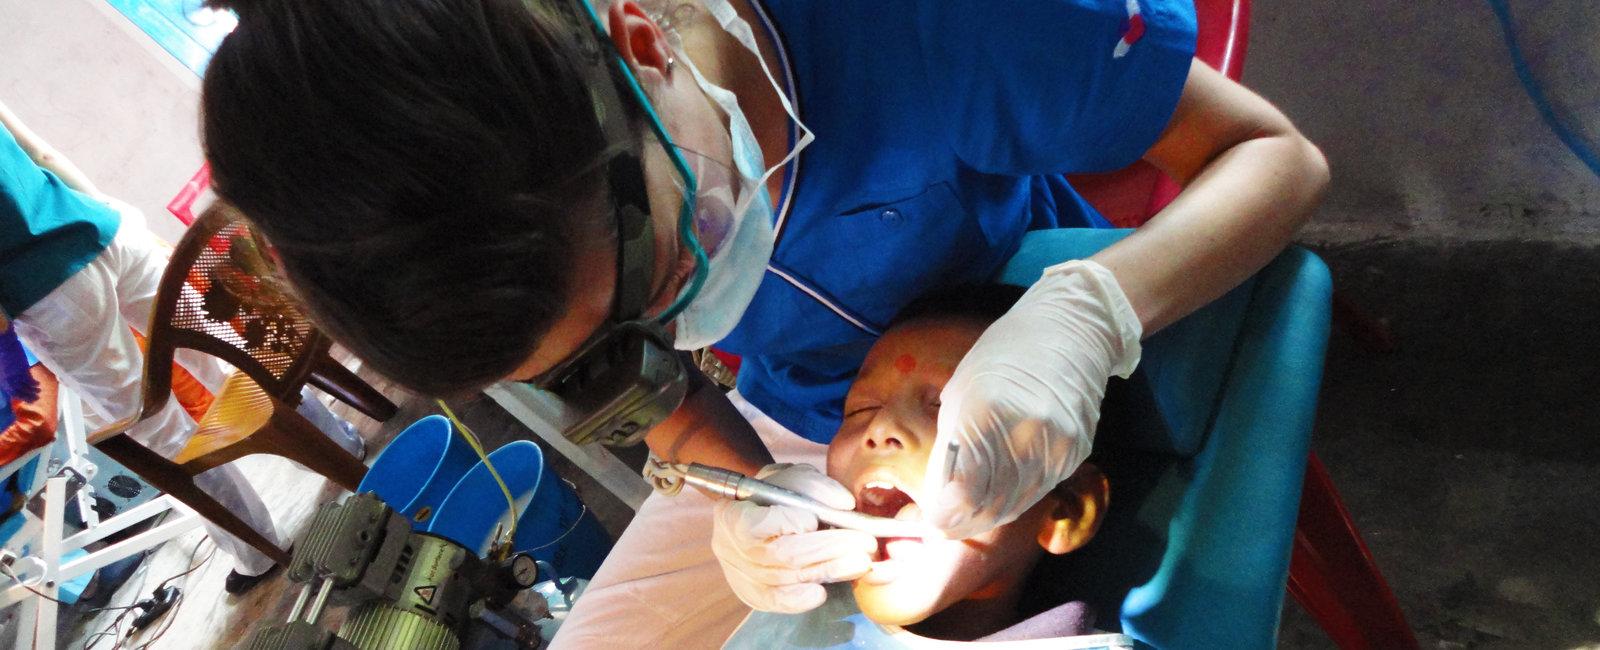 Rachel Otukoya - Dentistry Electives in Pokhara, Sri Lanka